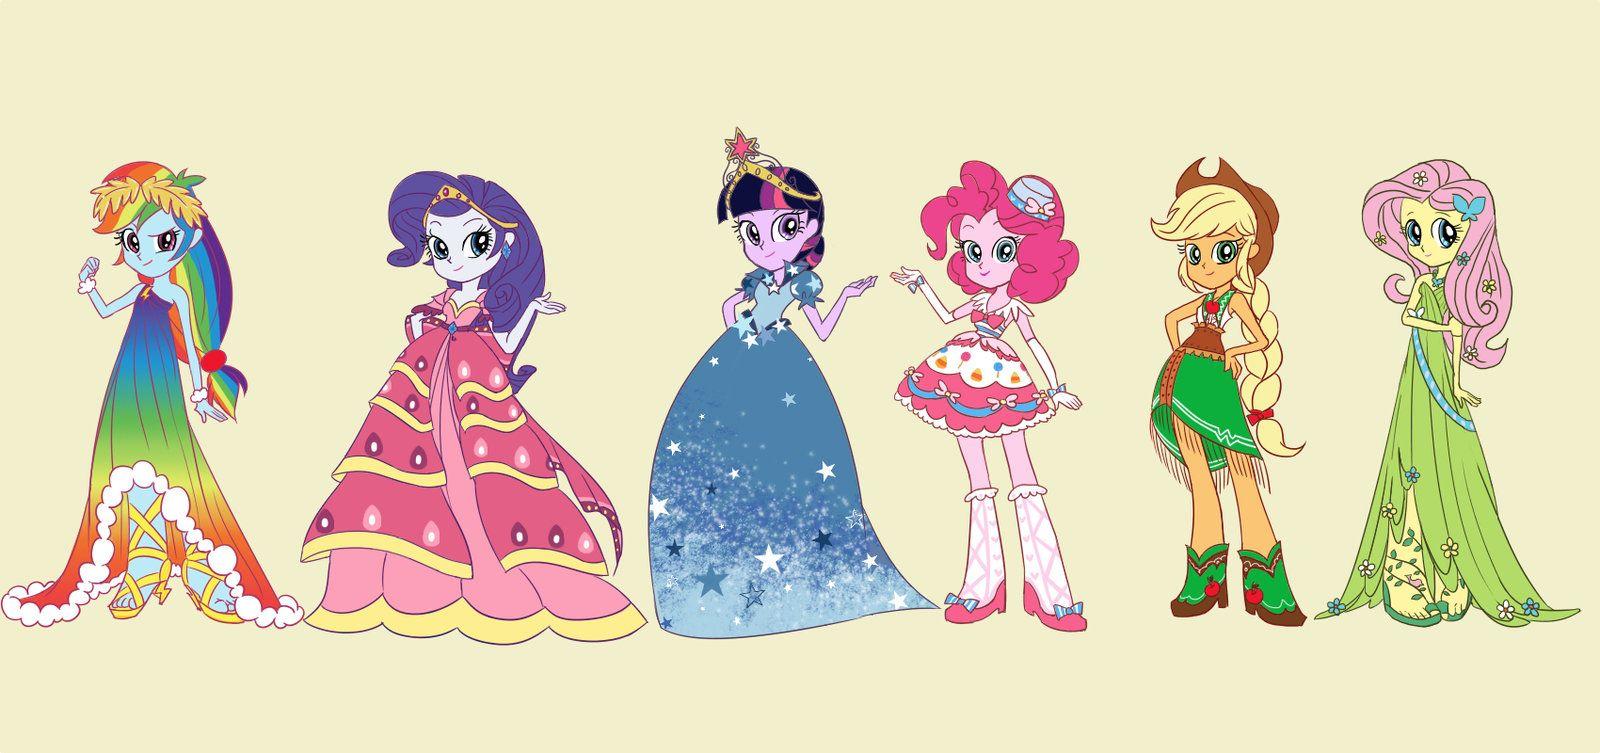 Grand Galloping Gala Dress Girls By Snowsmilexxx Deviantart Com